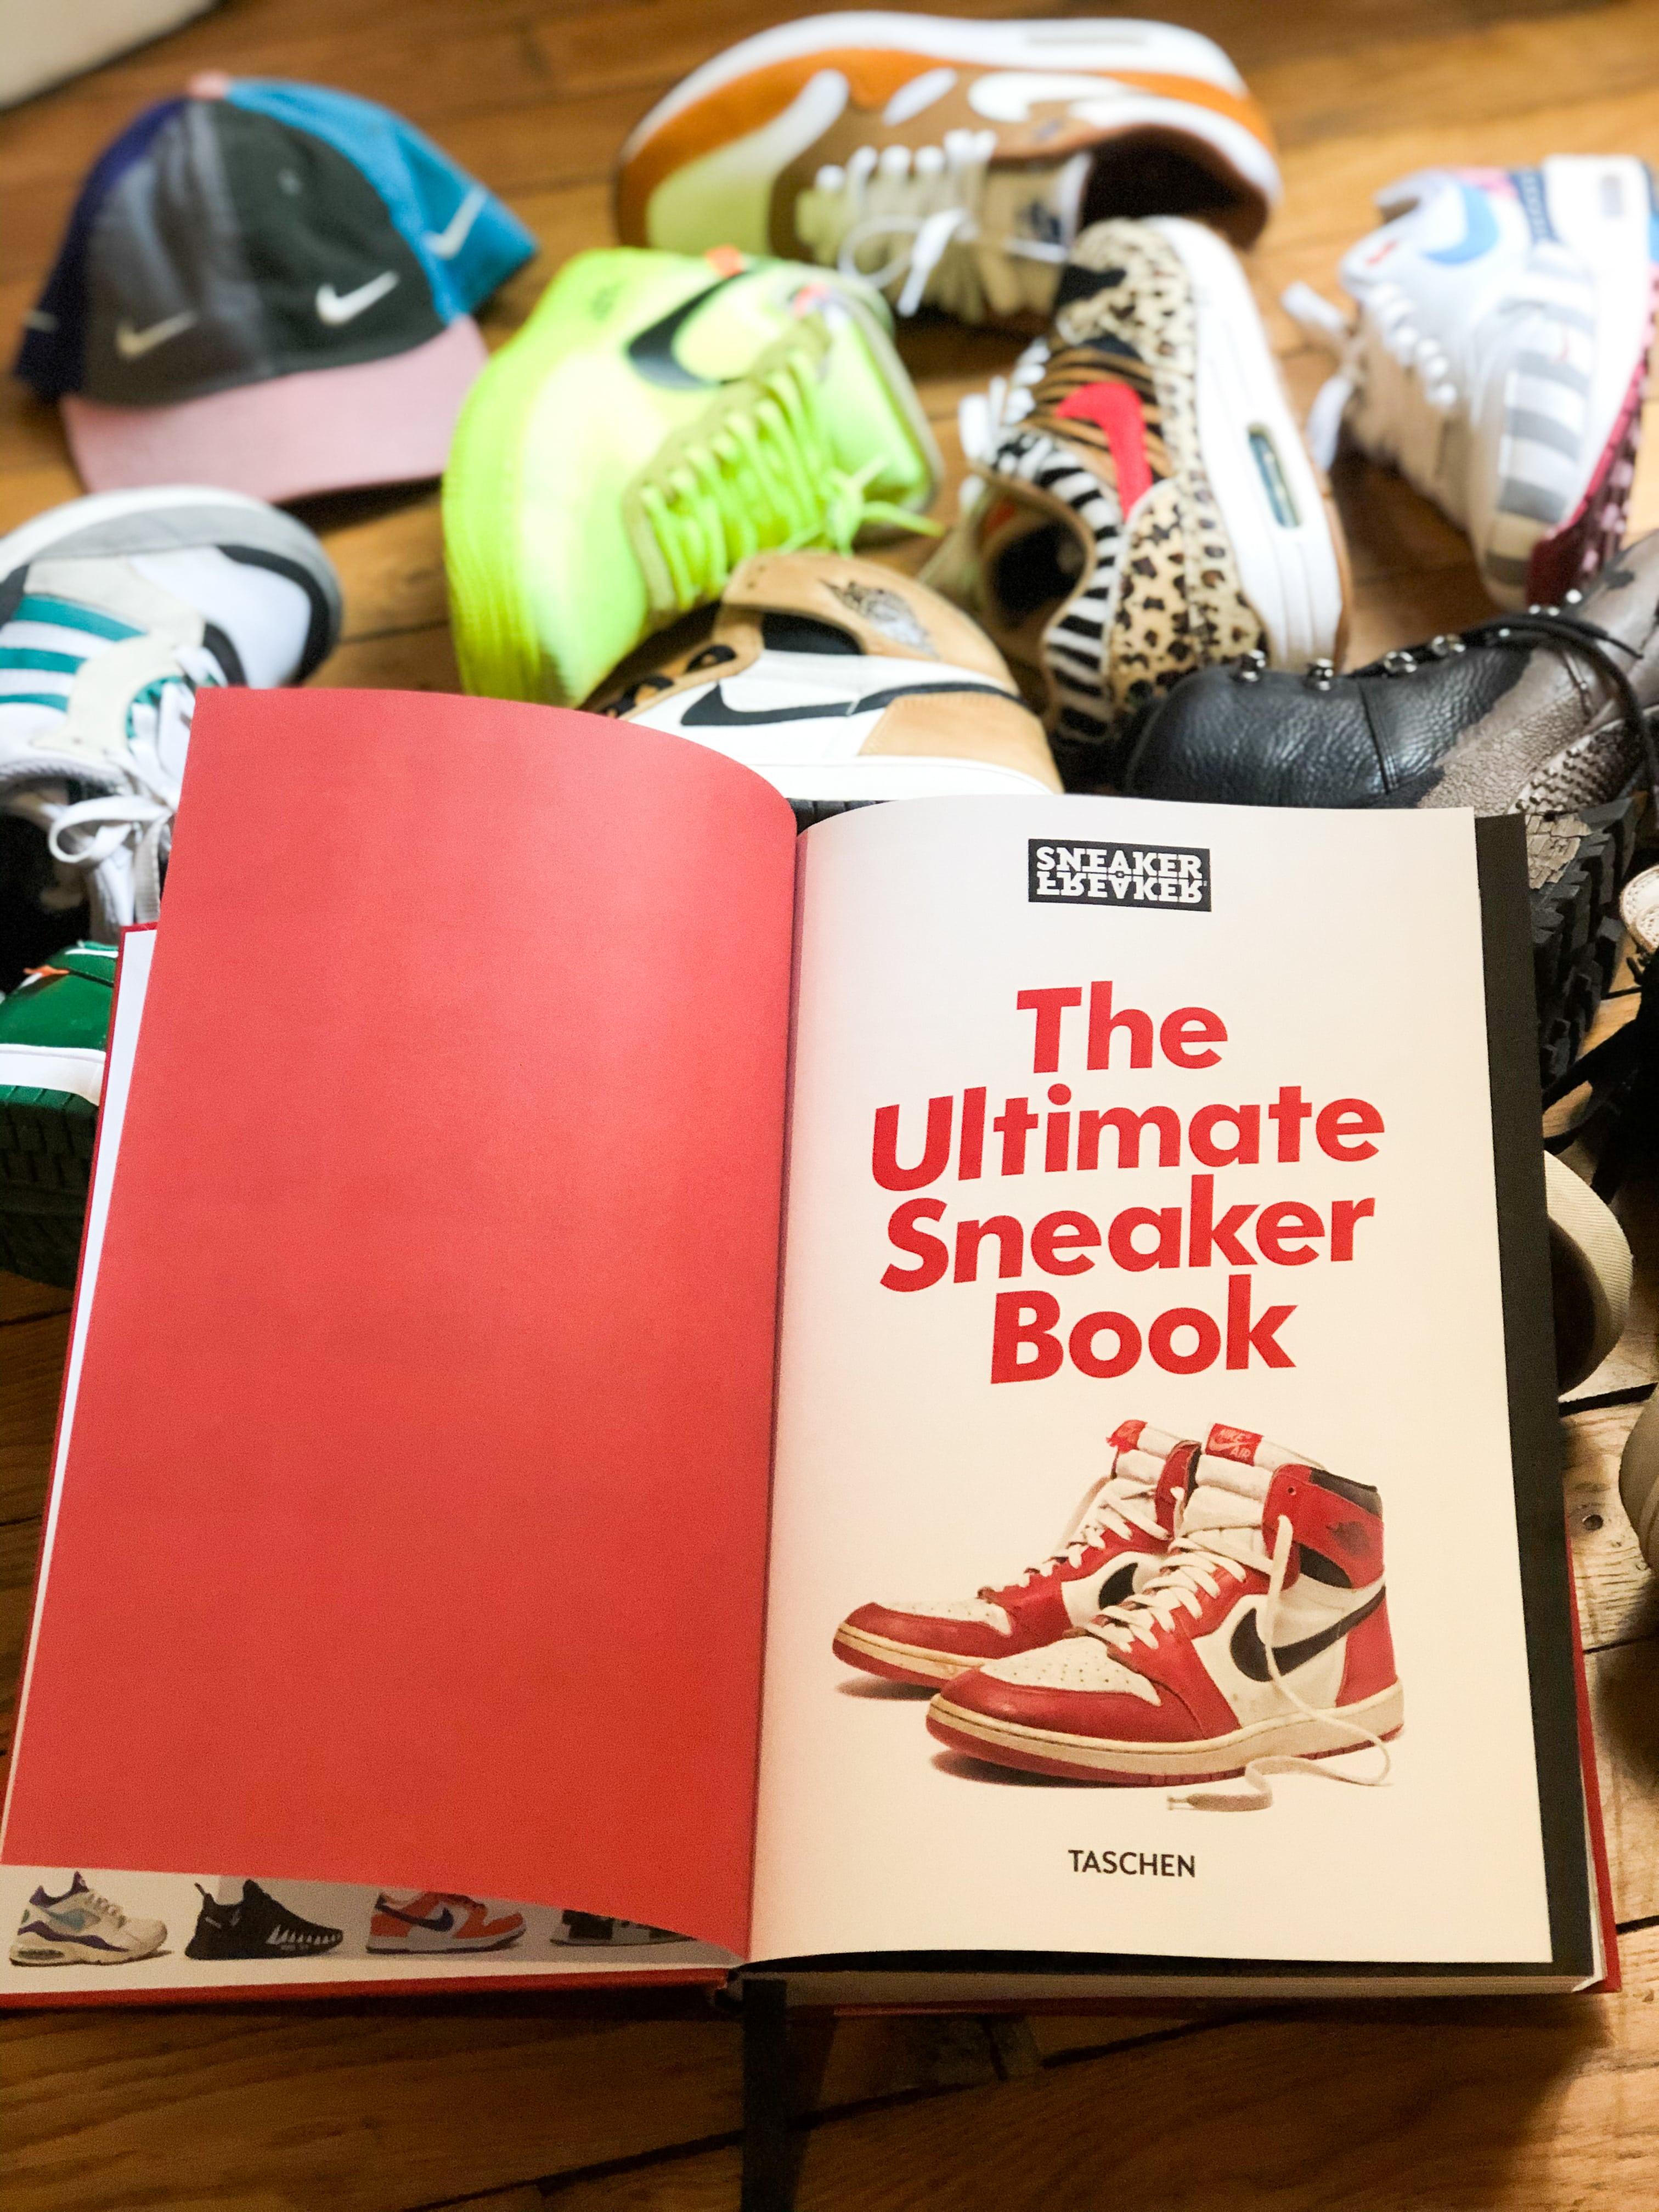 The Ultimate Sneaker Book - SneakerFreaker - 2018